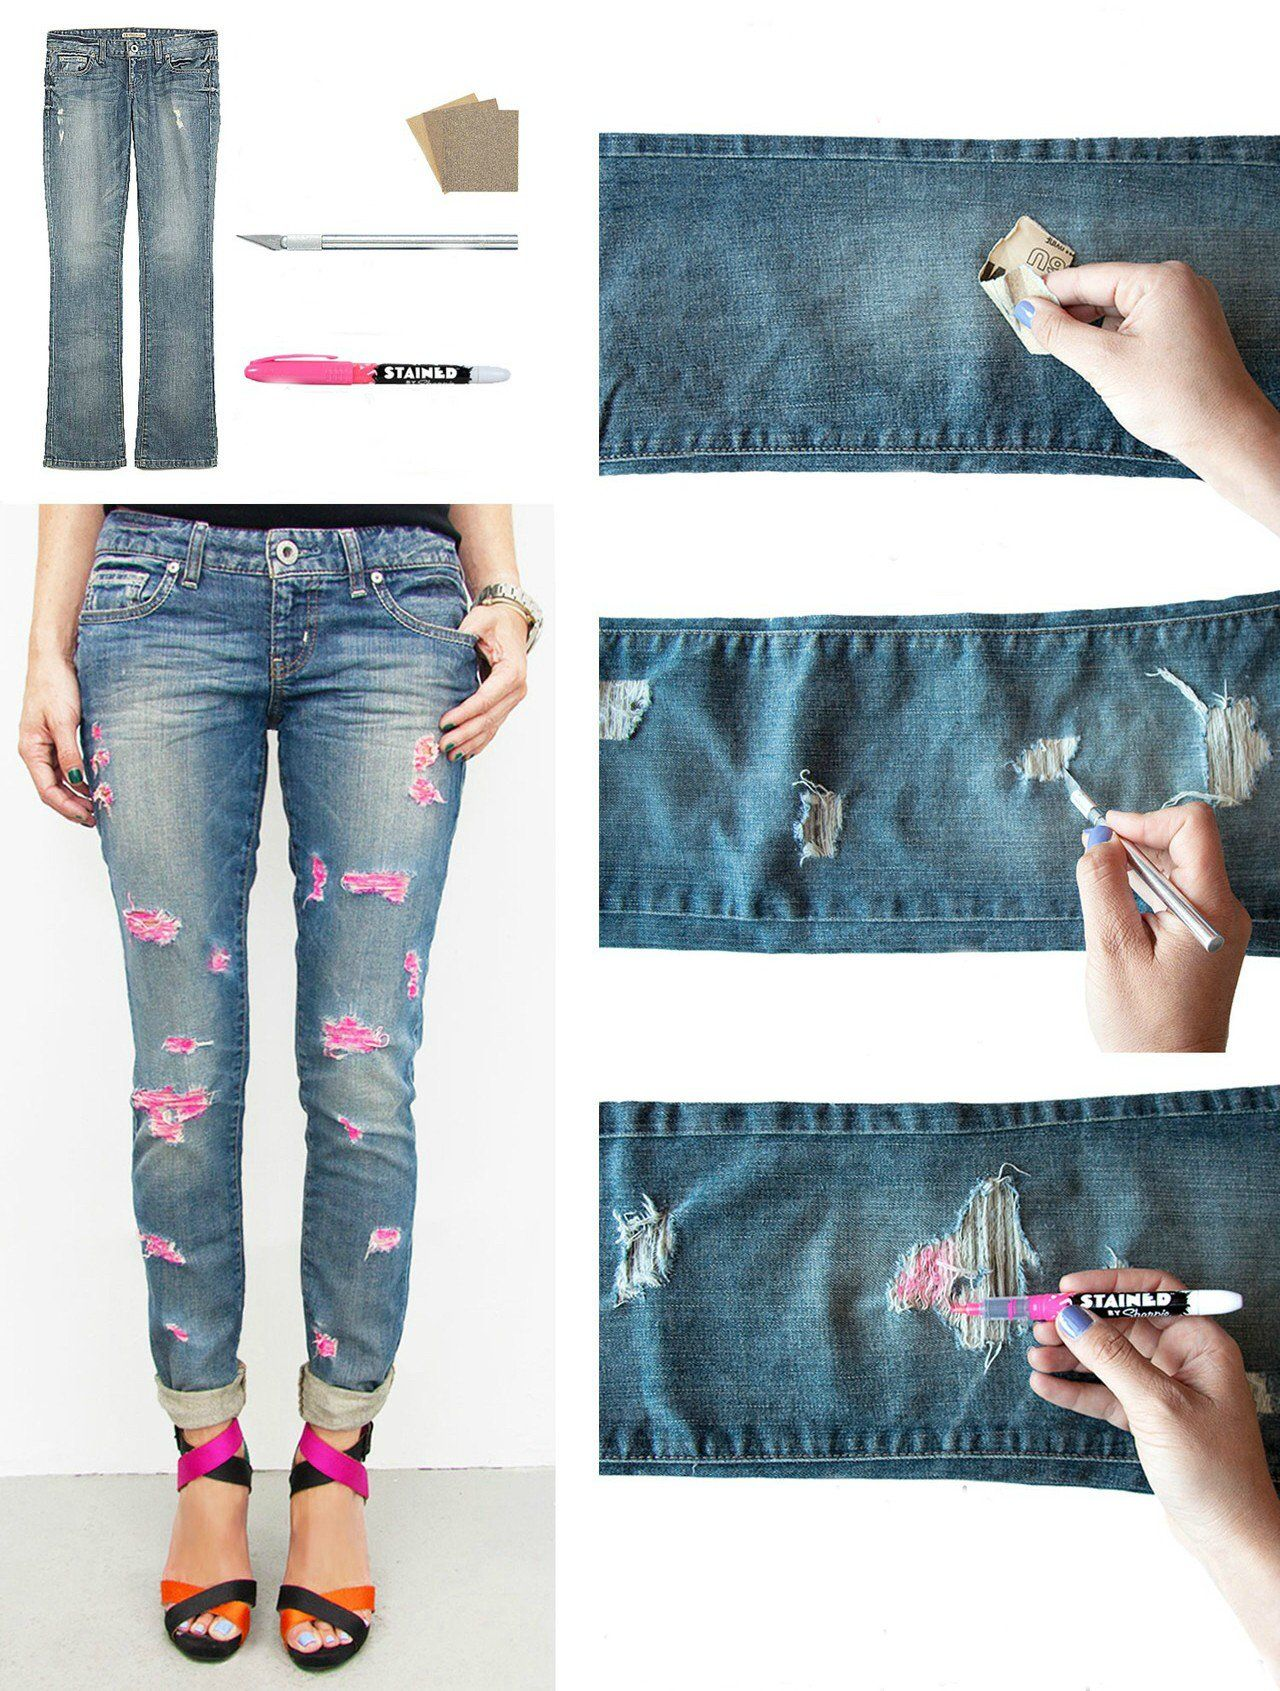 plumón y jeans colores rotos con rosas sharpie aqXaI